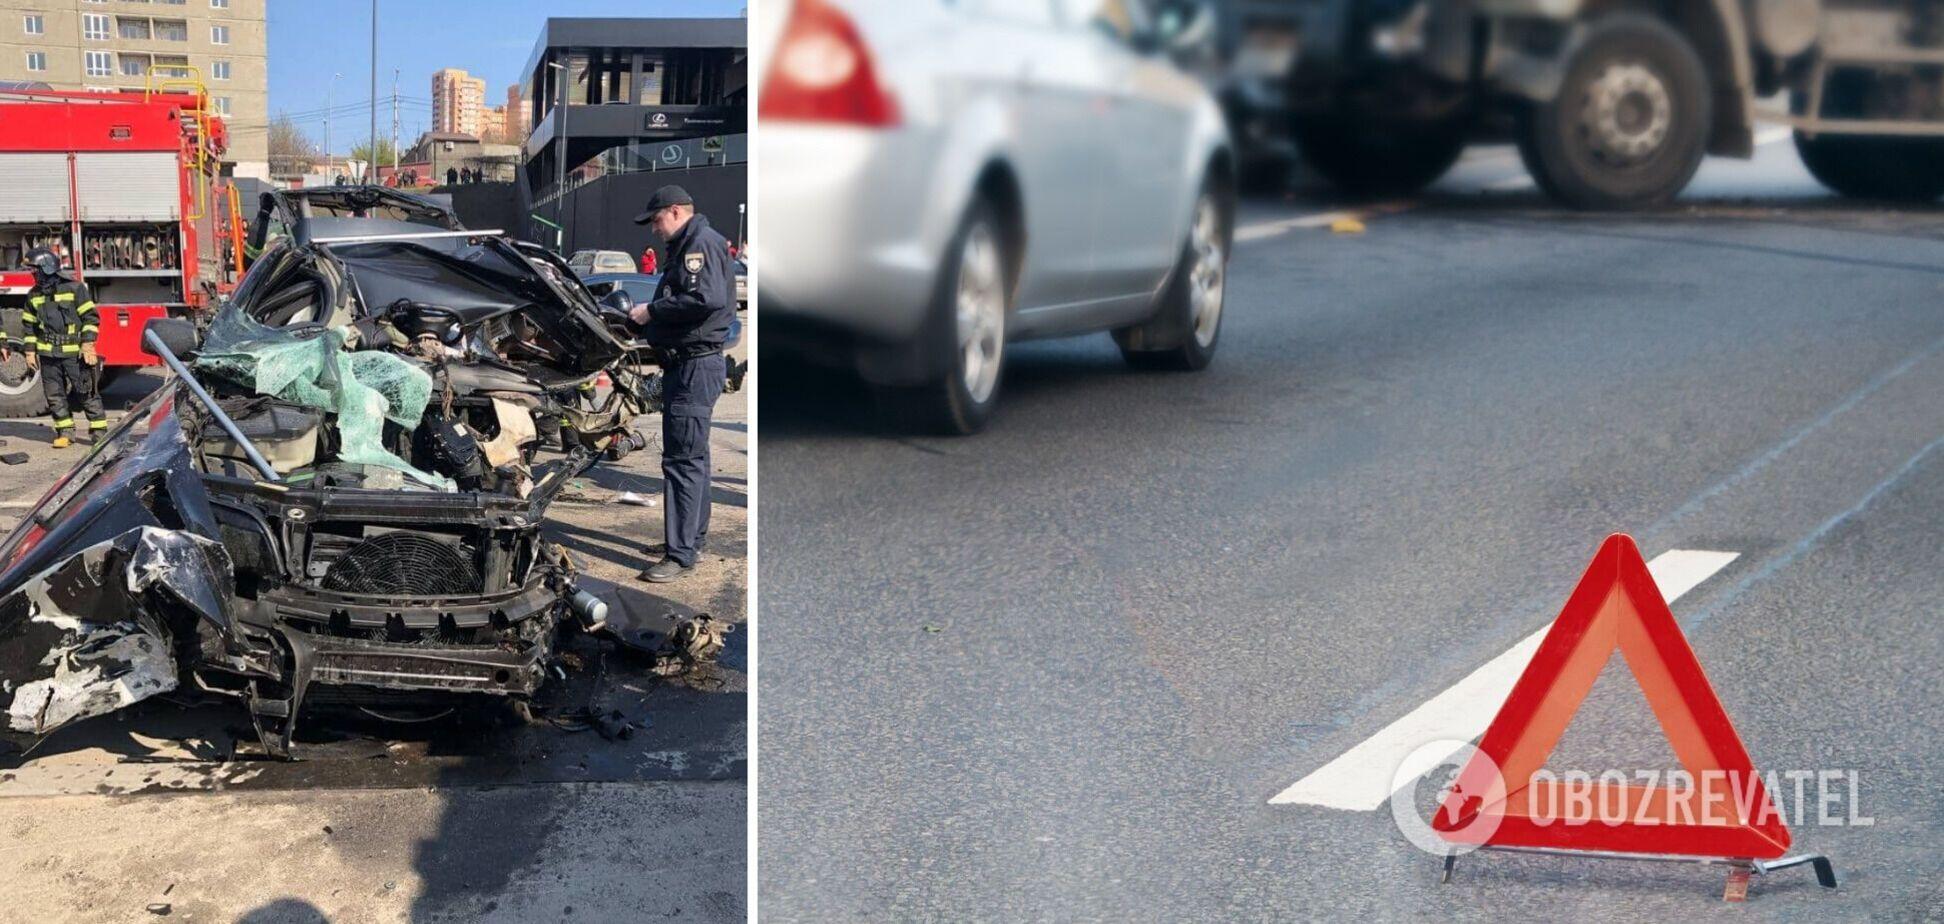 В Одессе BMW влетел в рекламный щит: автомобиль разорвало на части. Фото и видео